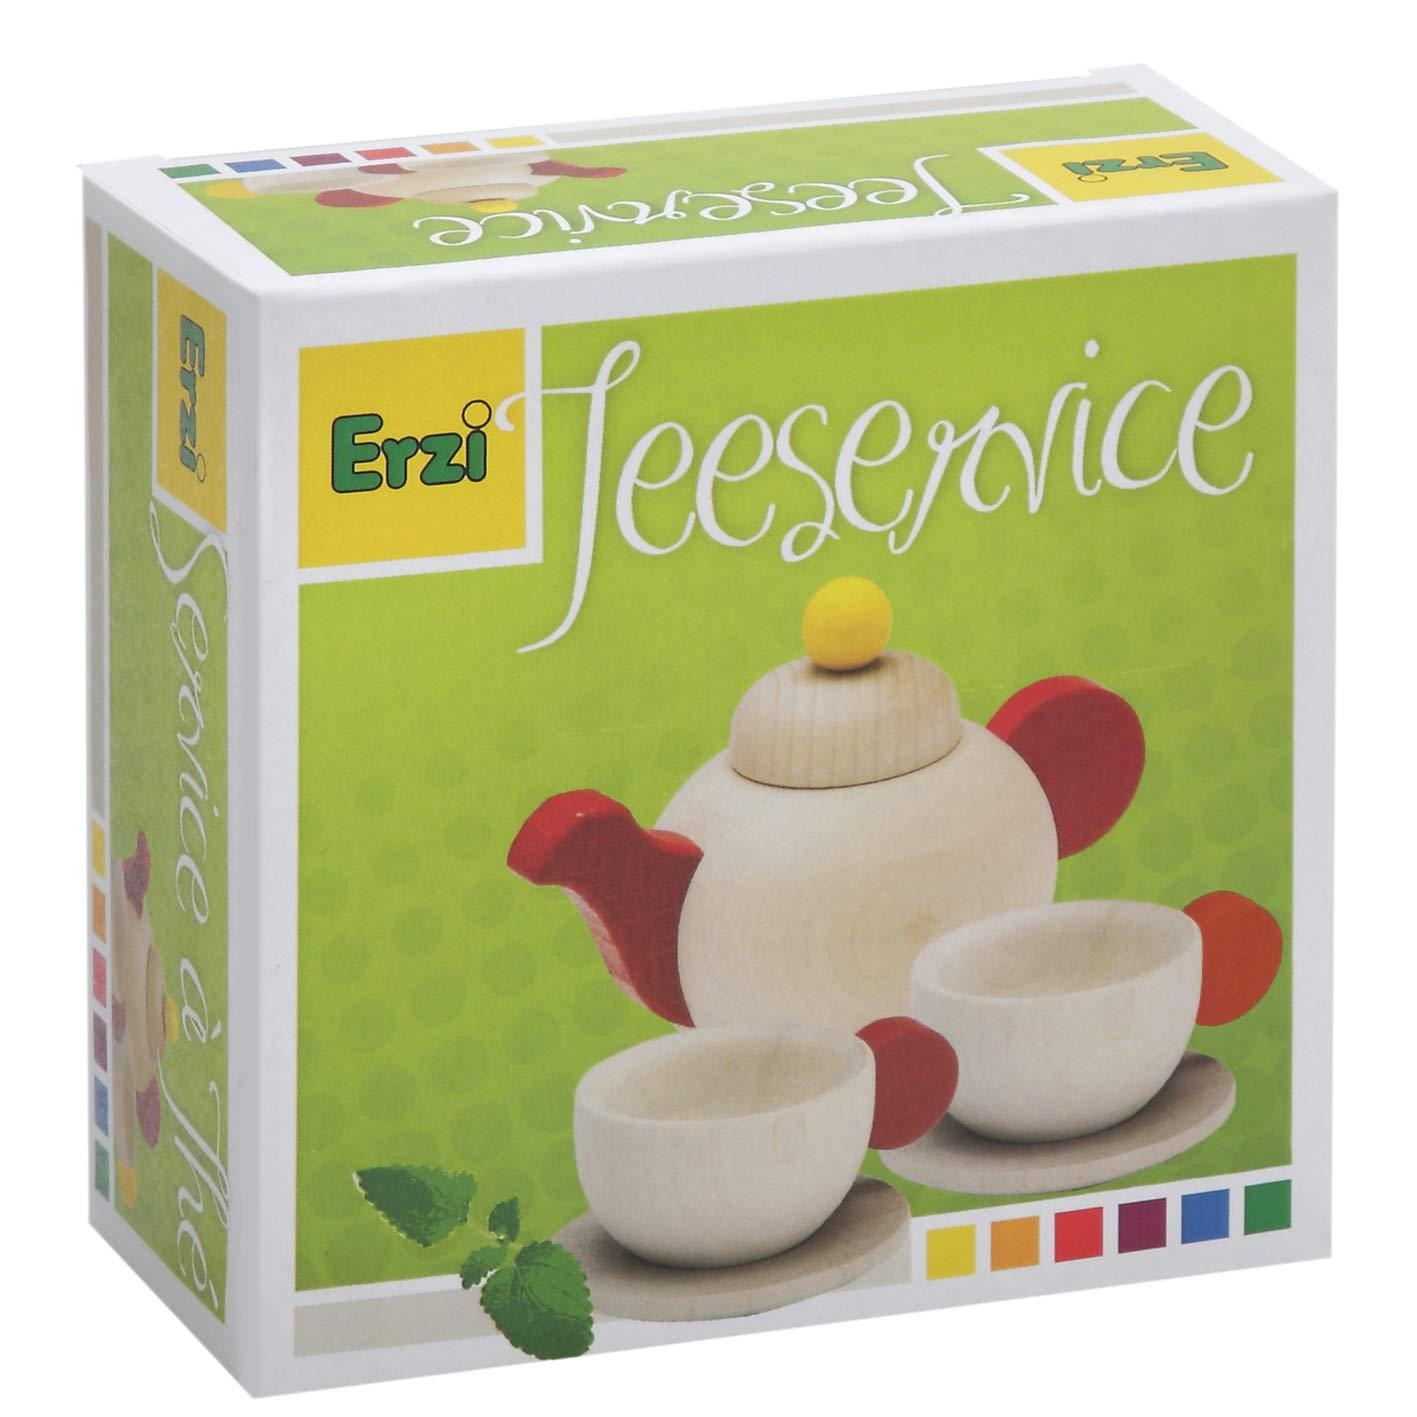 Natur Erzi 10640 12.3 X 6.5 x 12.2 cm Wooden Grocery Shop Tea Set Holzspielzeug farbig lackiert